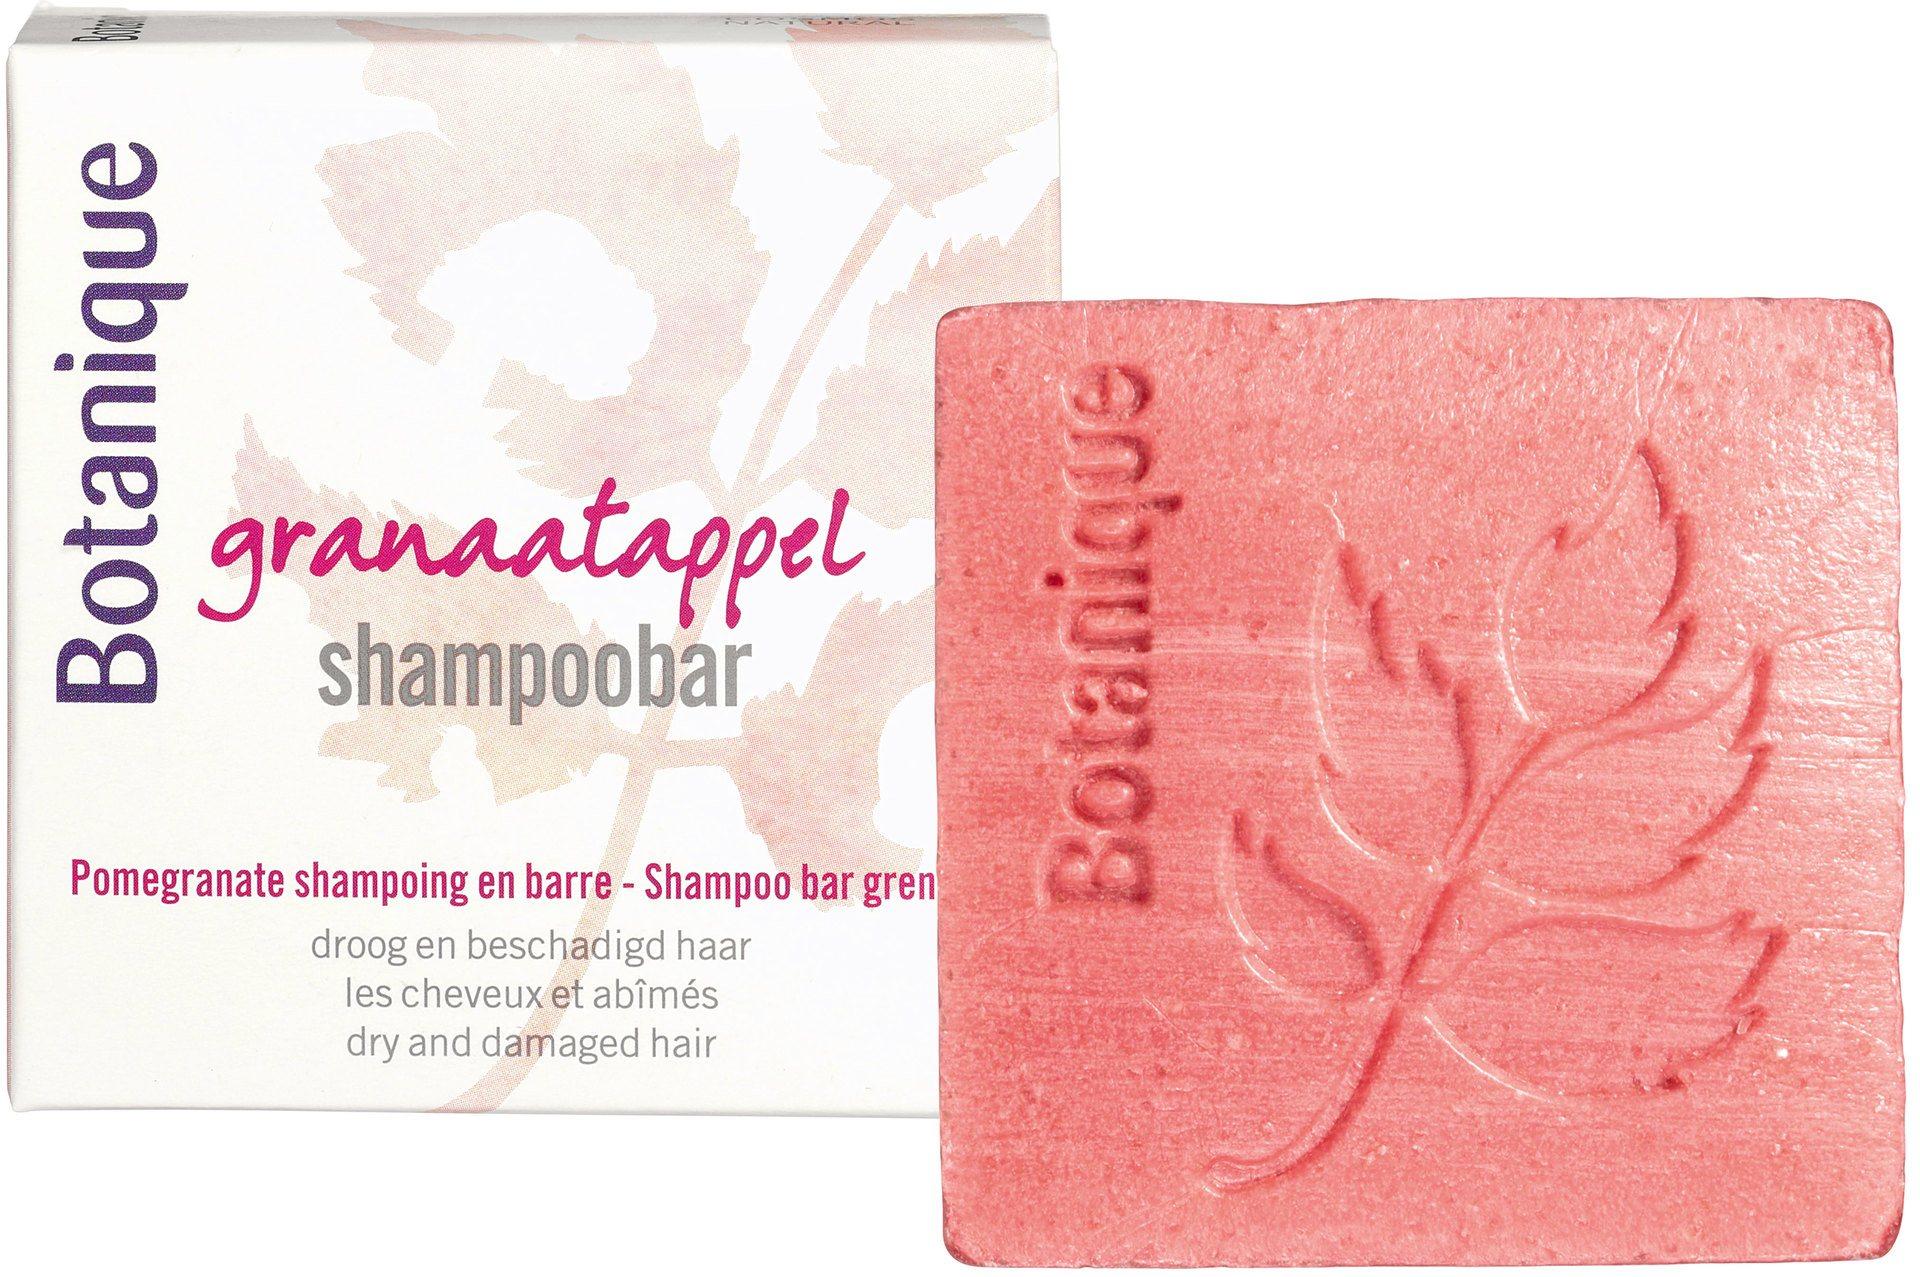 Biologische Botanique Granaatappel shampoobar 100 gr